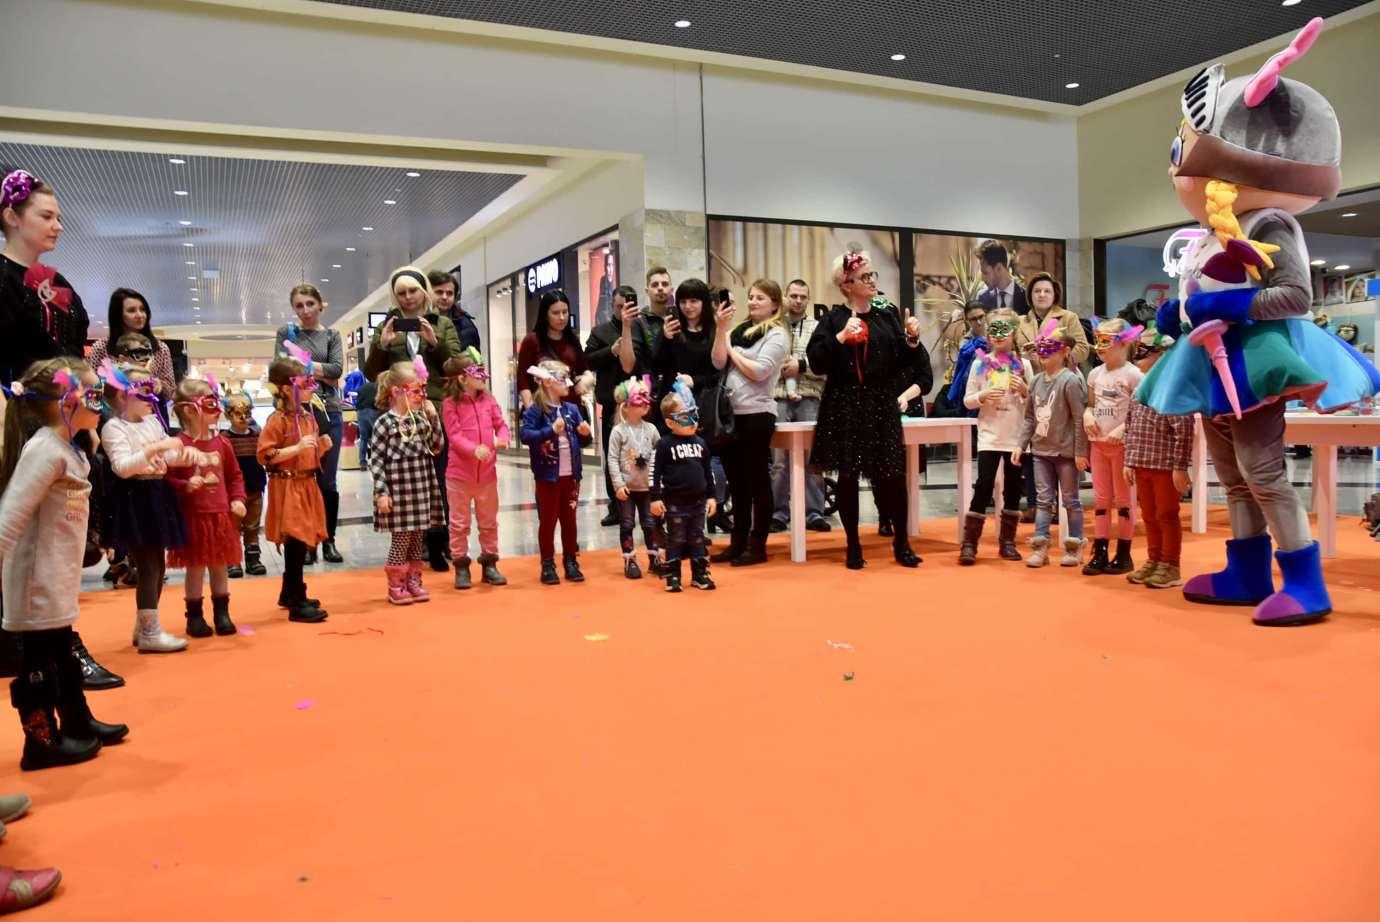 dsc 3983 Zabawa kreatywnych dzieciaków w Galerii Handlowej Twierdza (filmy i zdjęcia)